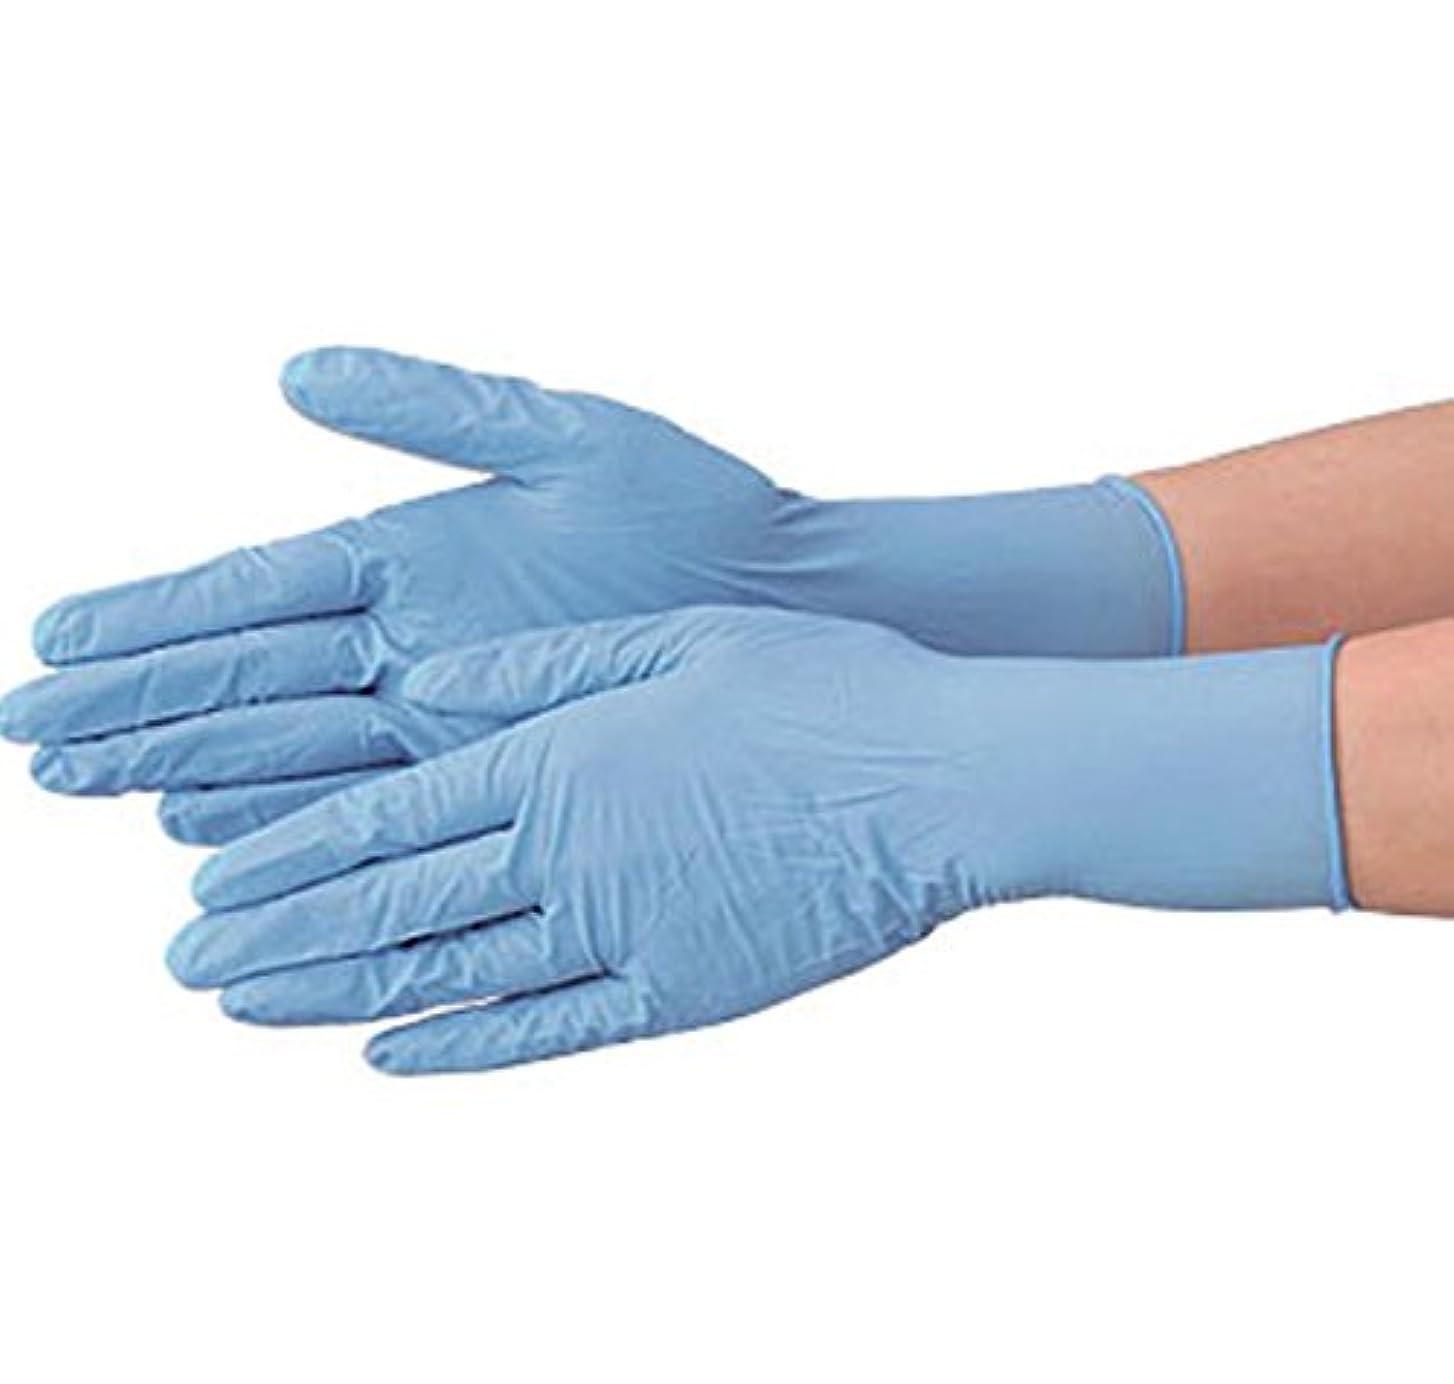 下線母性車両使い捨て 手袋 エブノ 534 ニトリルNEO ブルー Lサイズ パウダーフリー 2ケース(100枚×60箱)